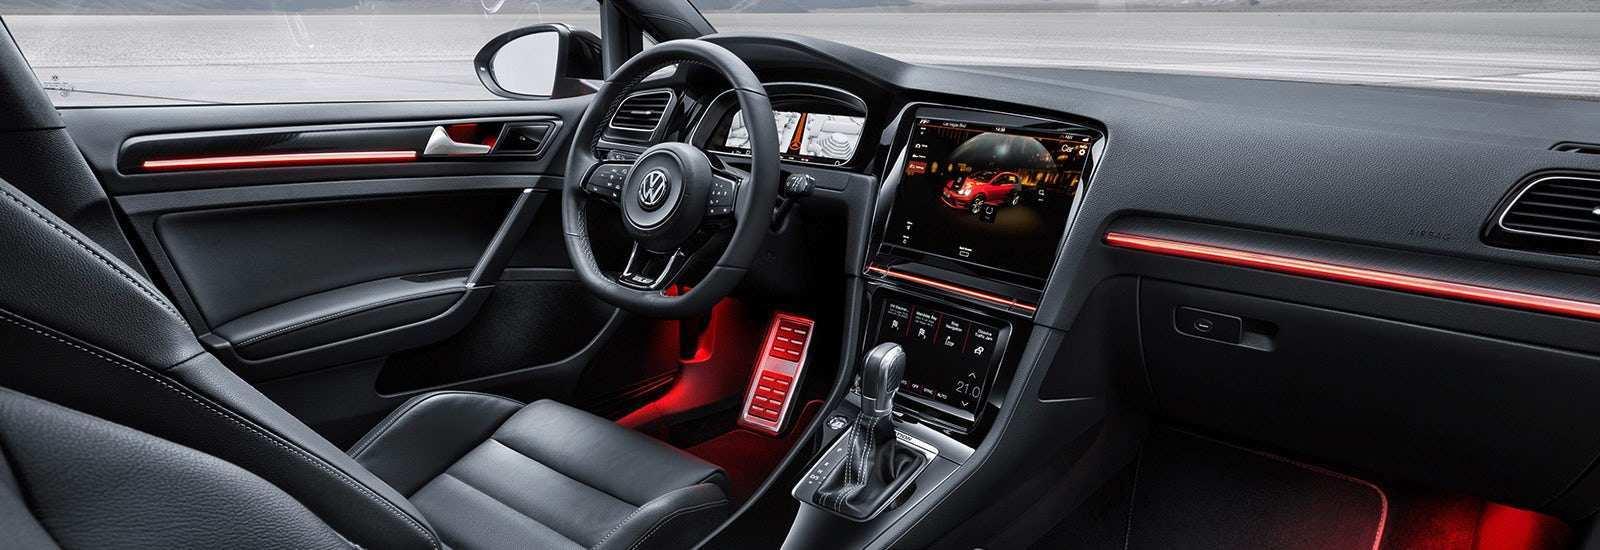 29 The 2019 Volkswagen Golf Gti Engine by 2019 Volkswagen Golf Gti